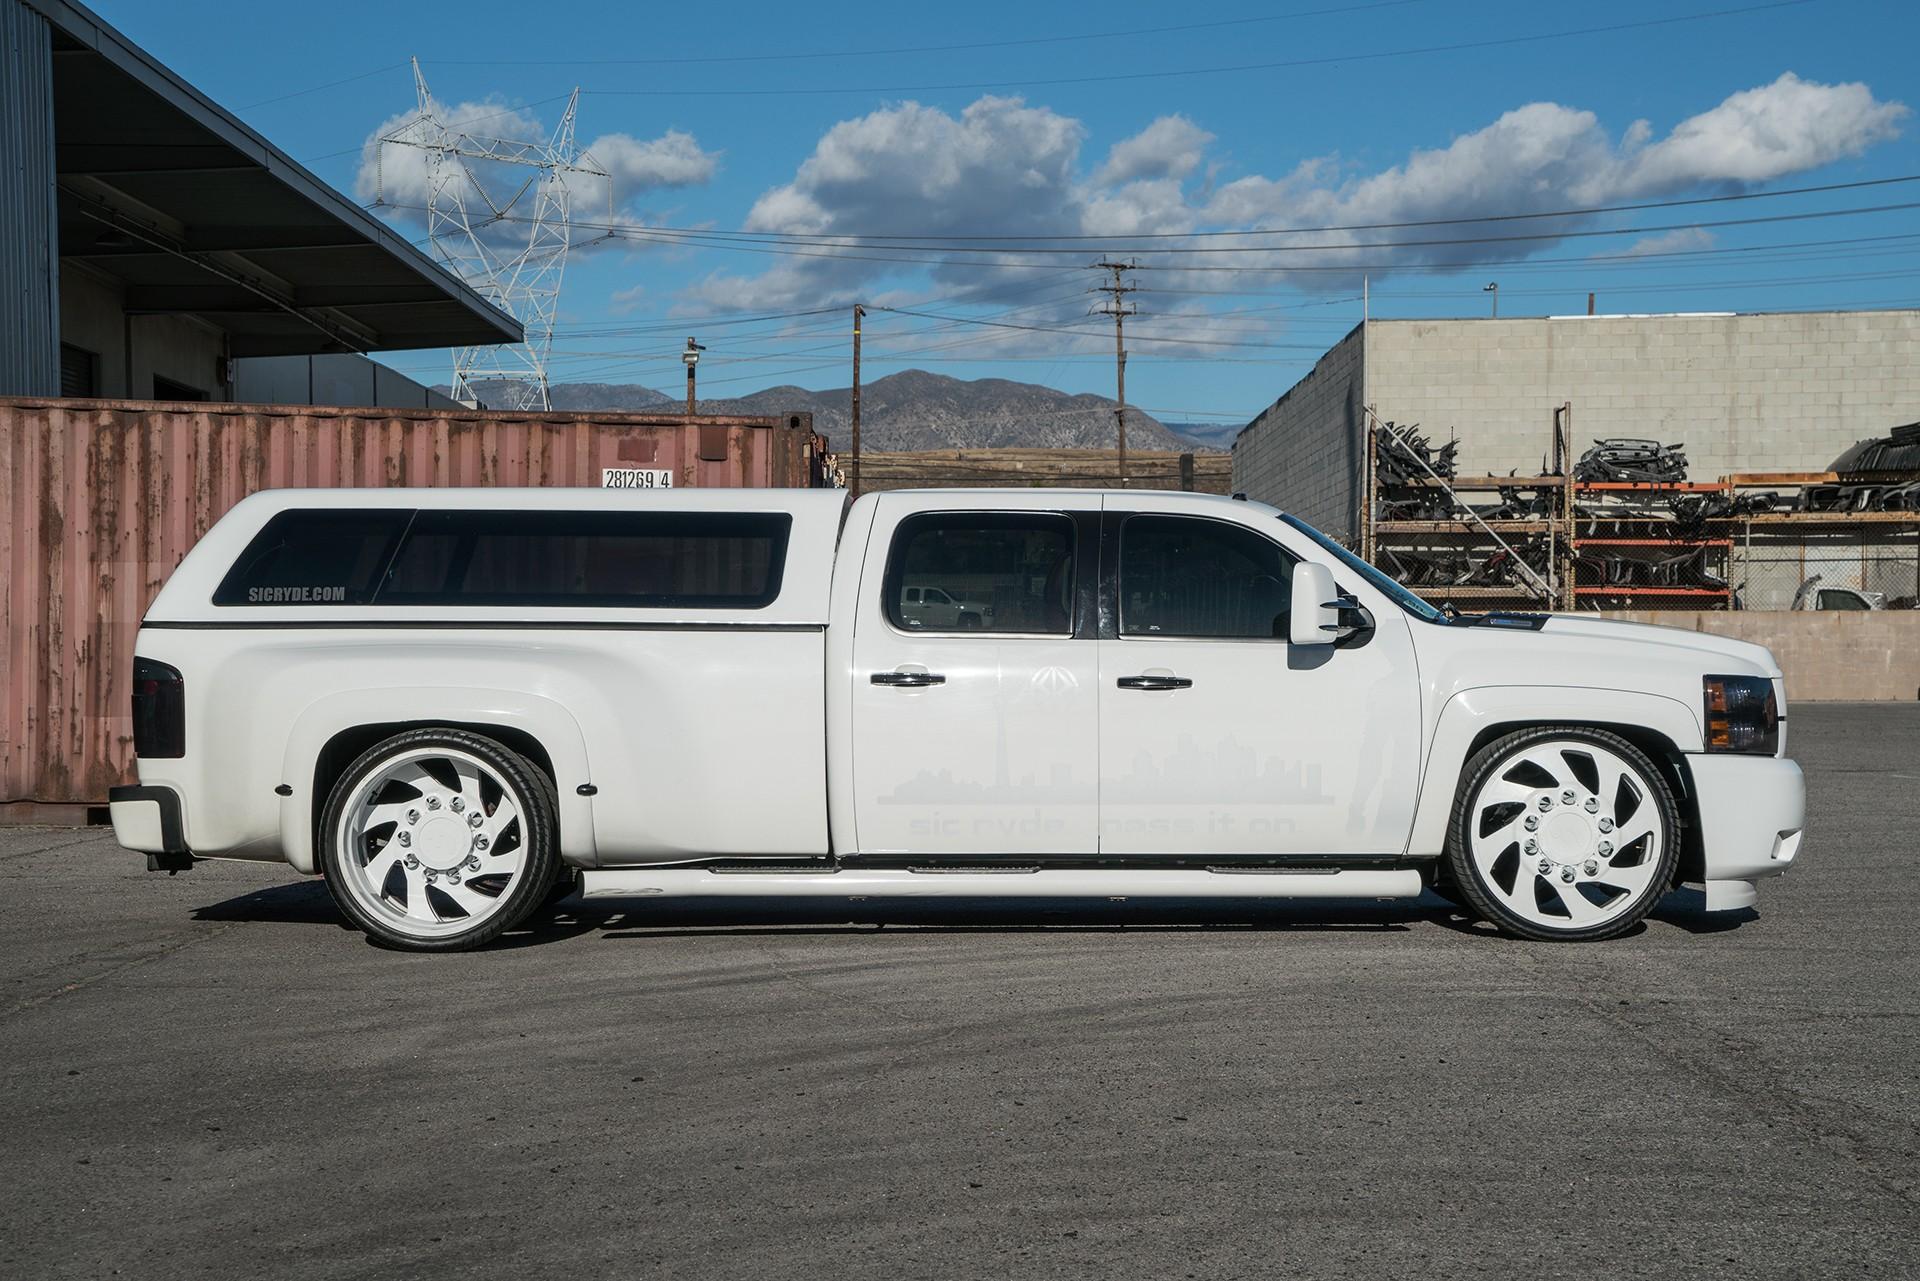 Stanced 6Wheel Chevy Silverado Rides on Forgiato Dually Wheels